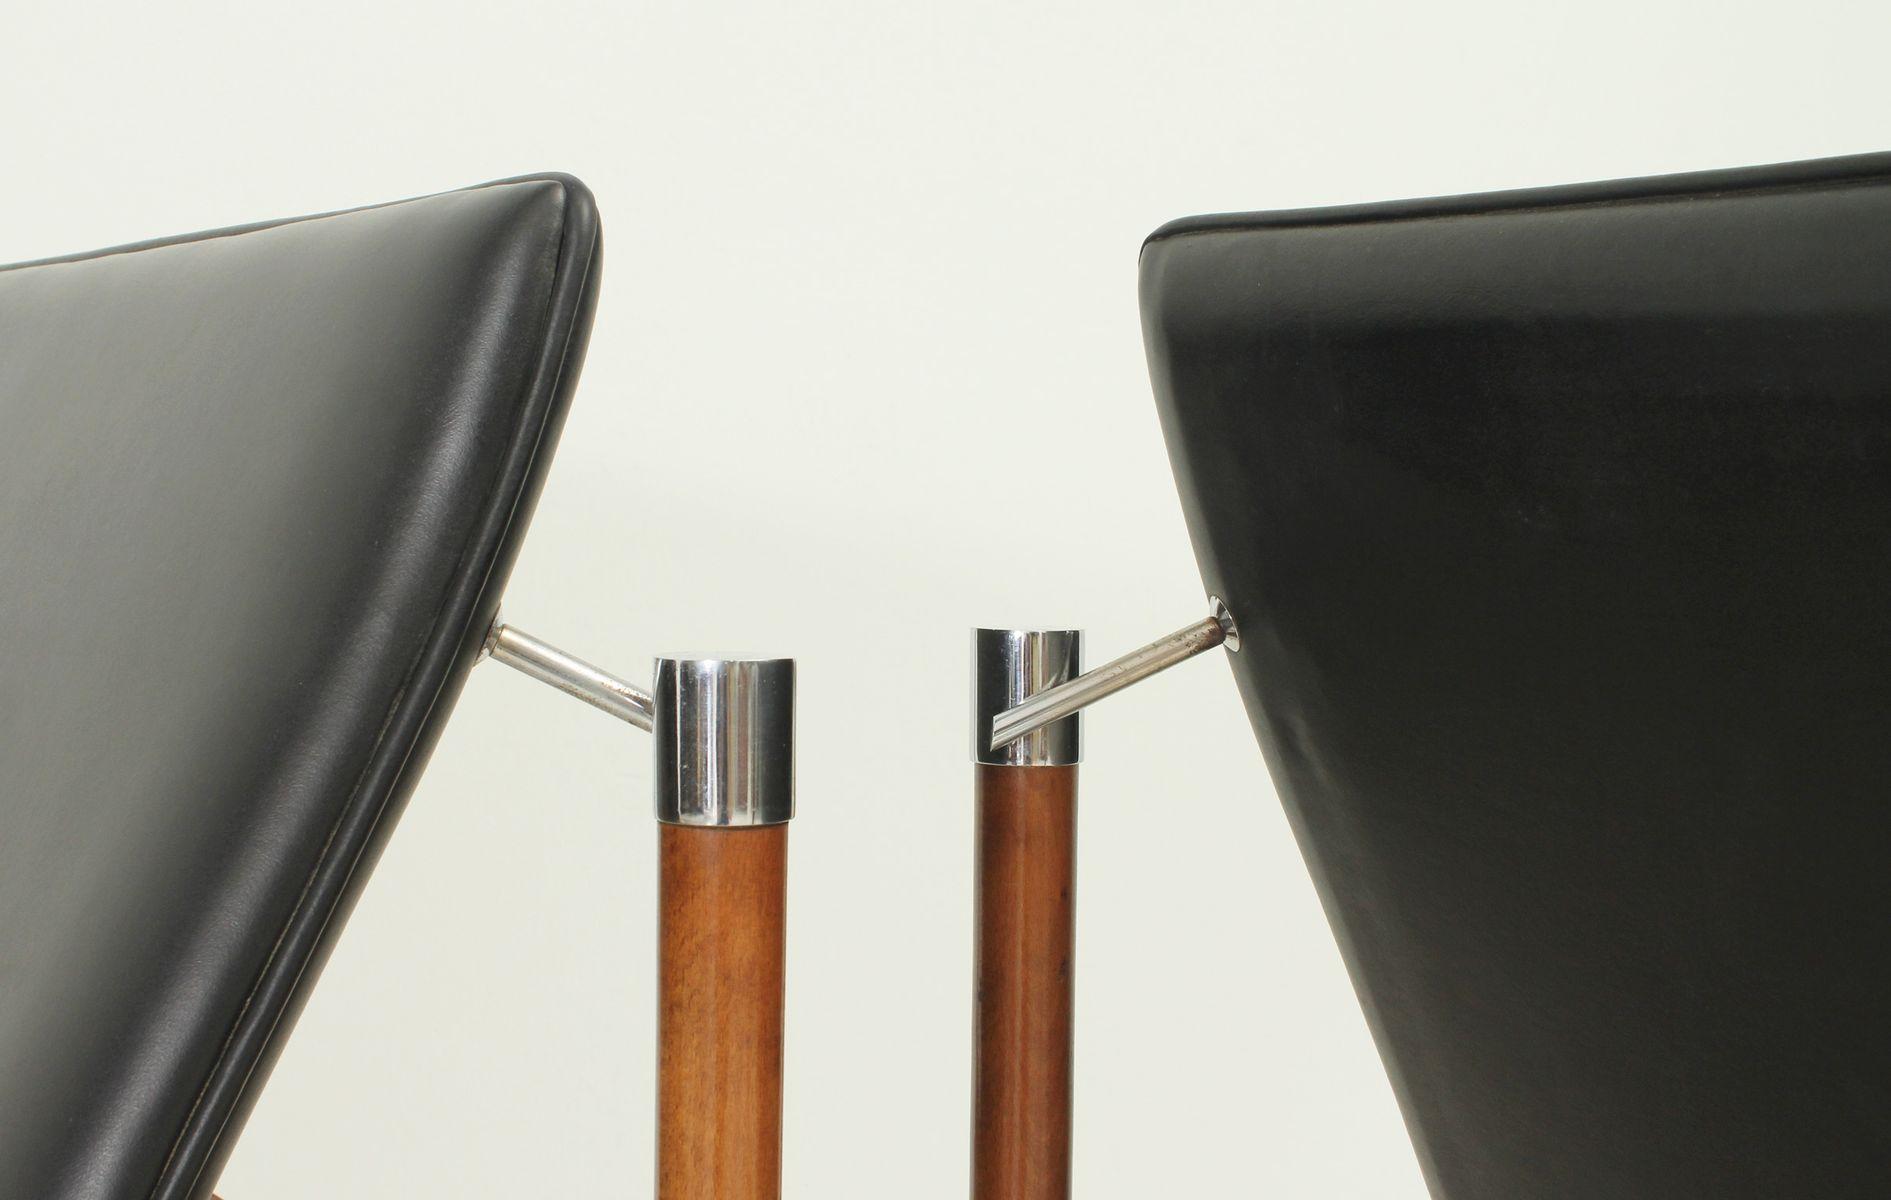 Walnut & Vinyl Lounge Chair by Sven Ivar Dysthe for Dokka M¸bler